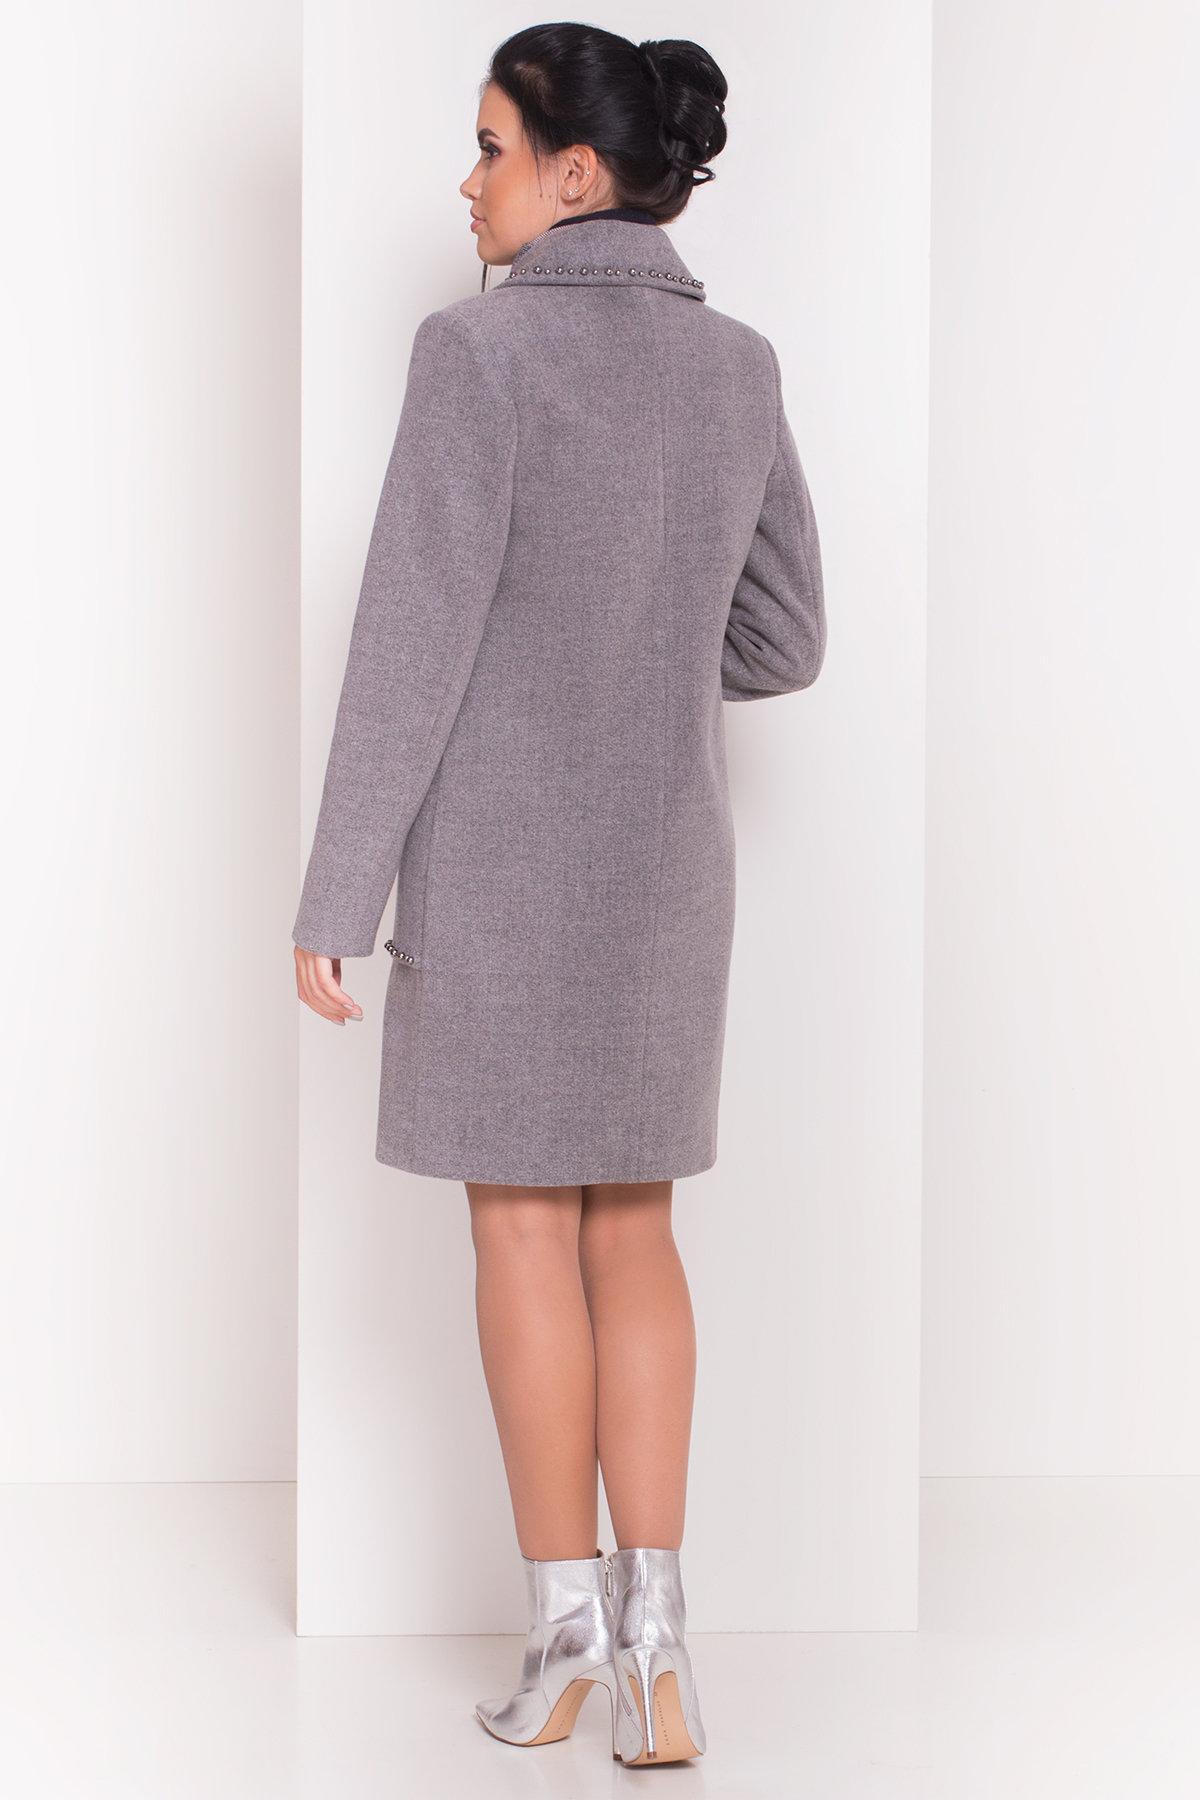 Пальто Кейси 5504 АРТ. 37030 Цвет: Серый 18 - фото 5, интернет магазин tm-modus.ru